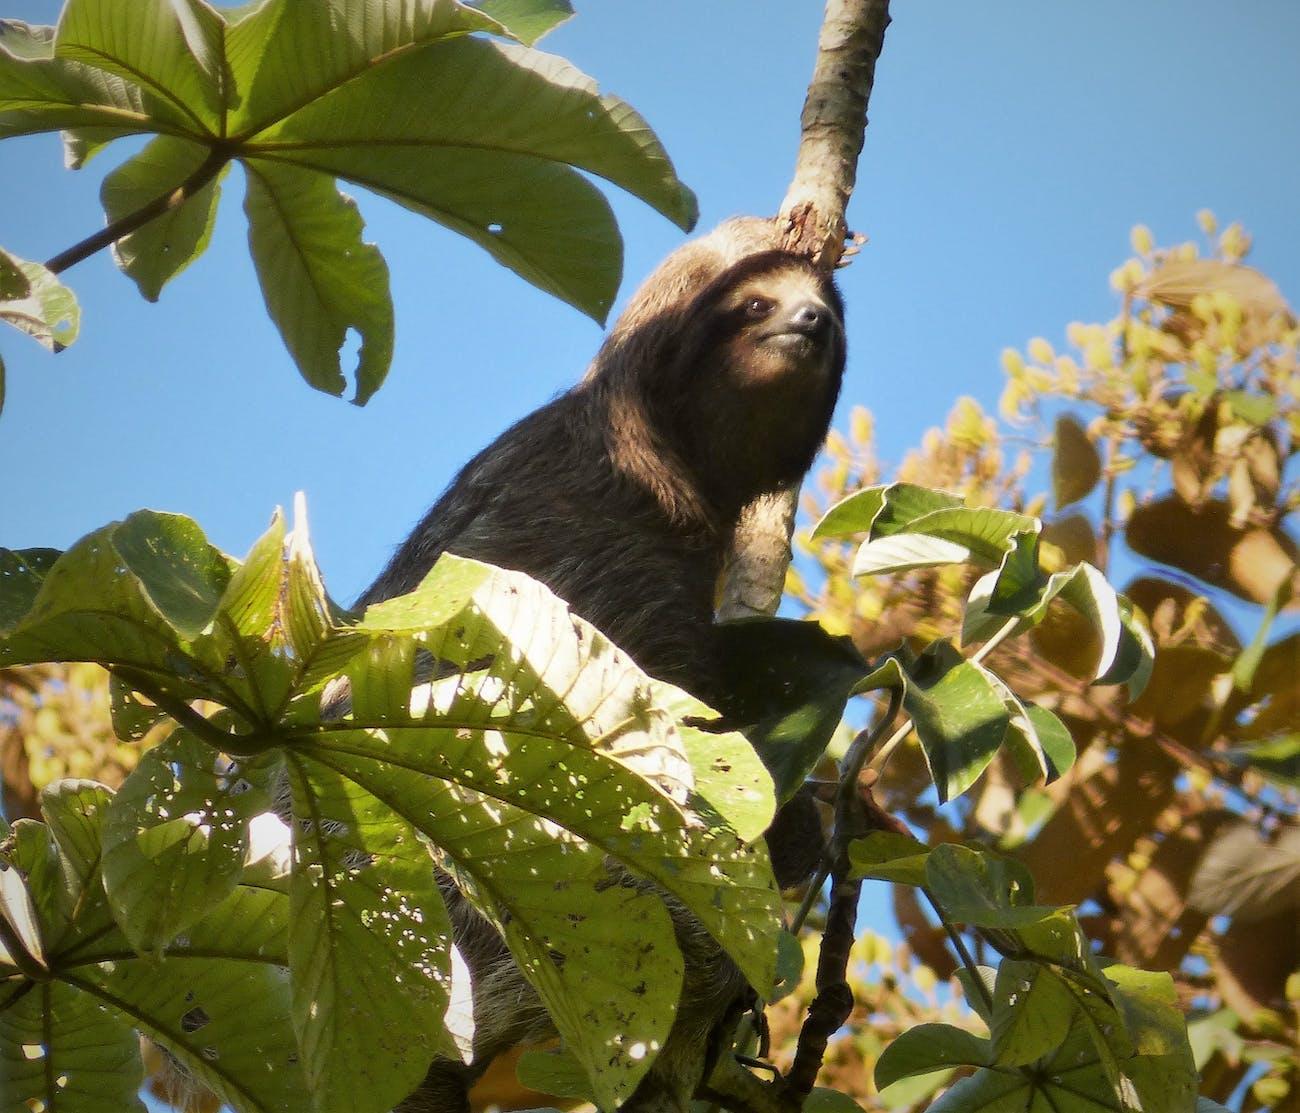 cecropia trees sloth